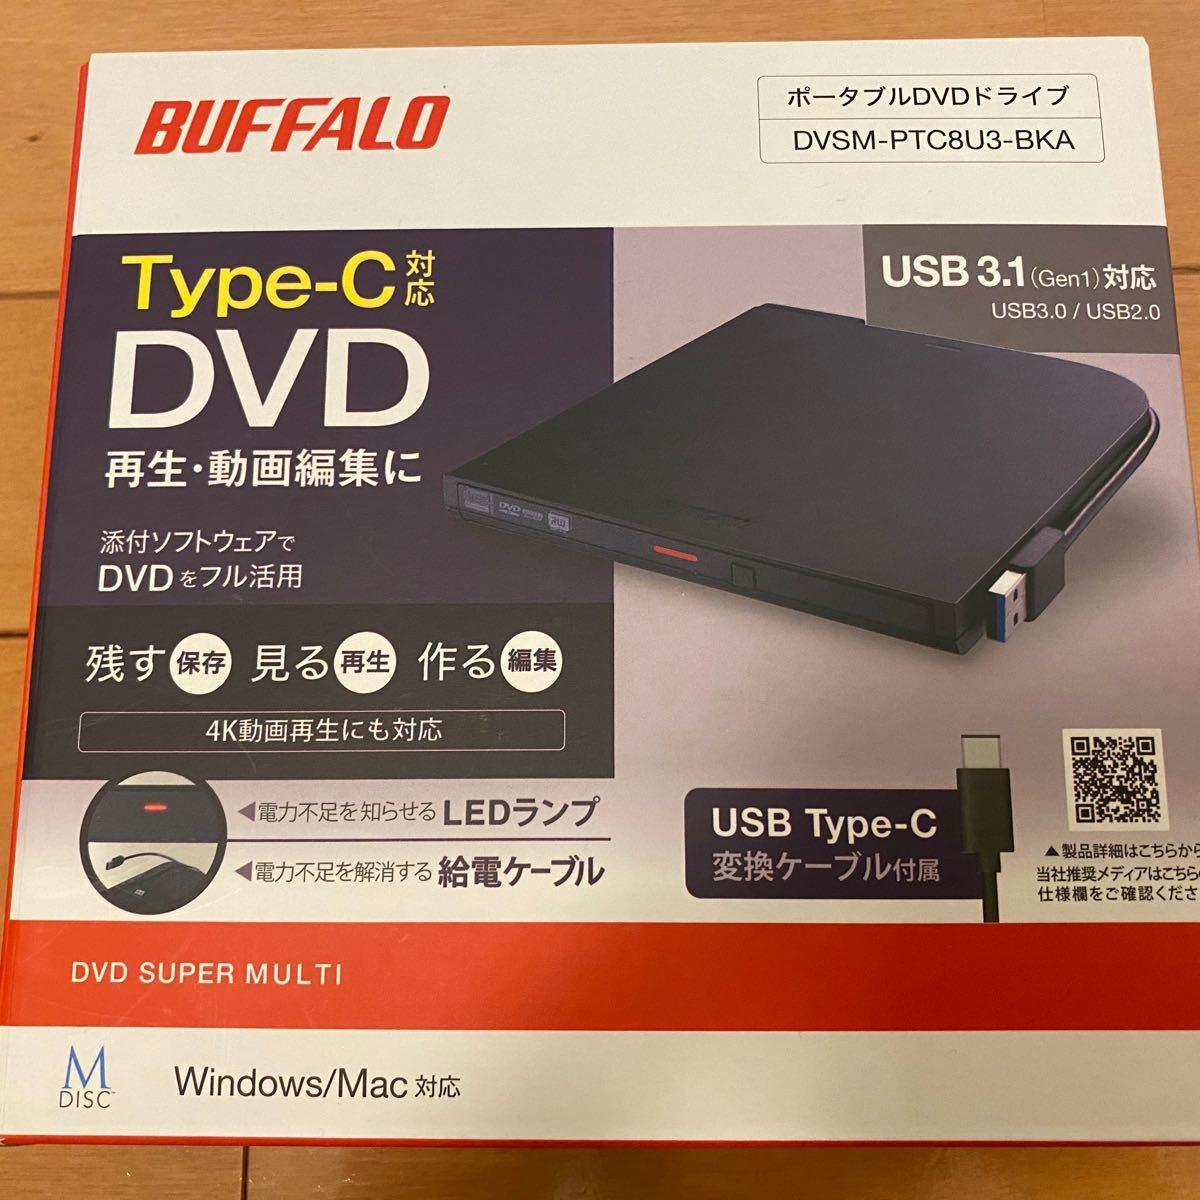 ポータブルDVDドライブ バッファロー Buffalo